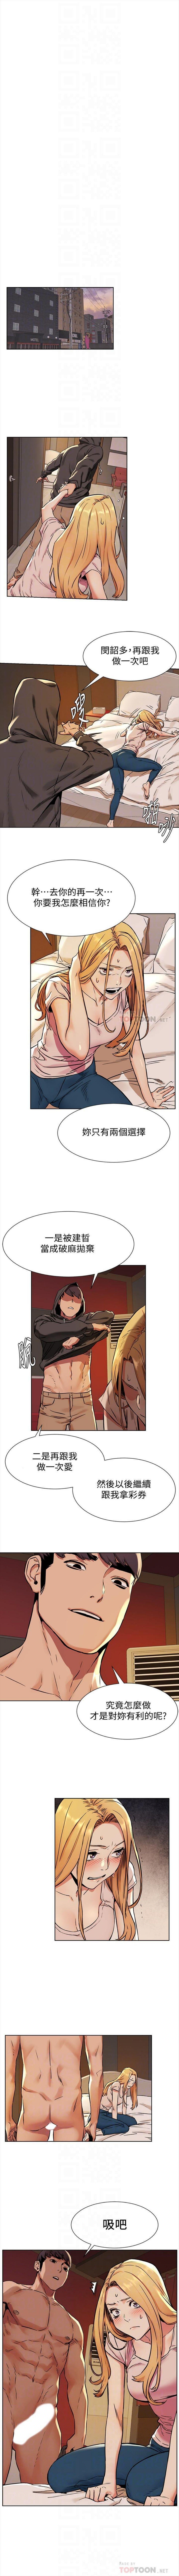 (週5)衝突 1-91 中文翻譯 (更新中) 468